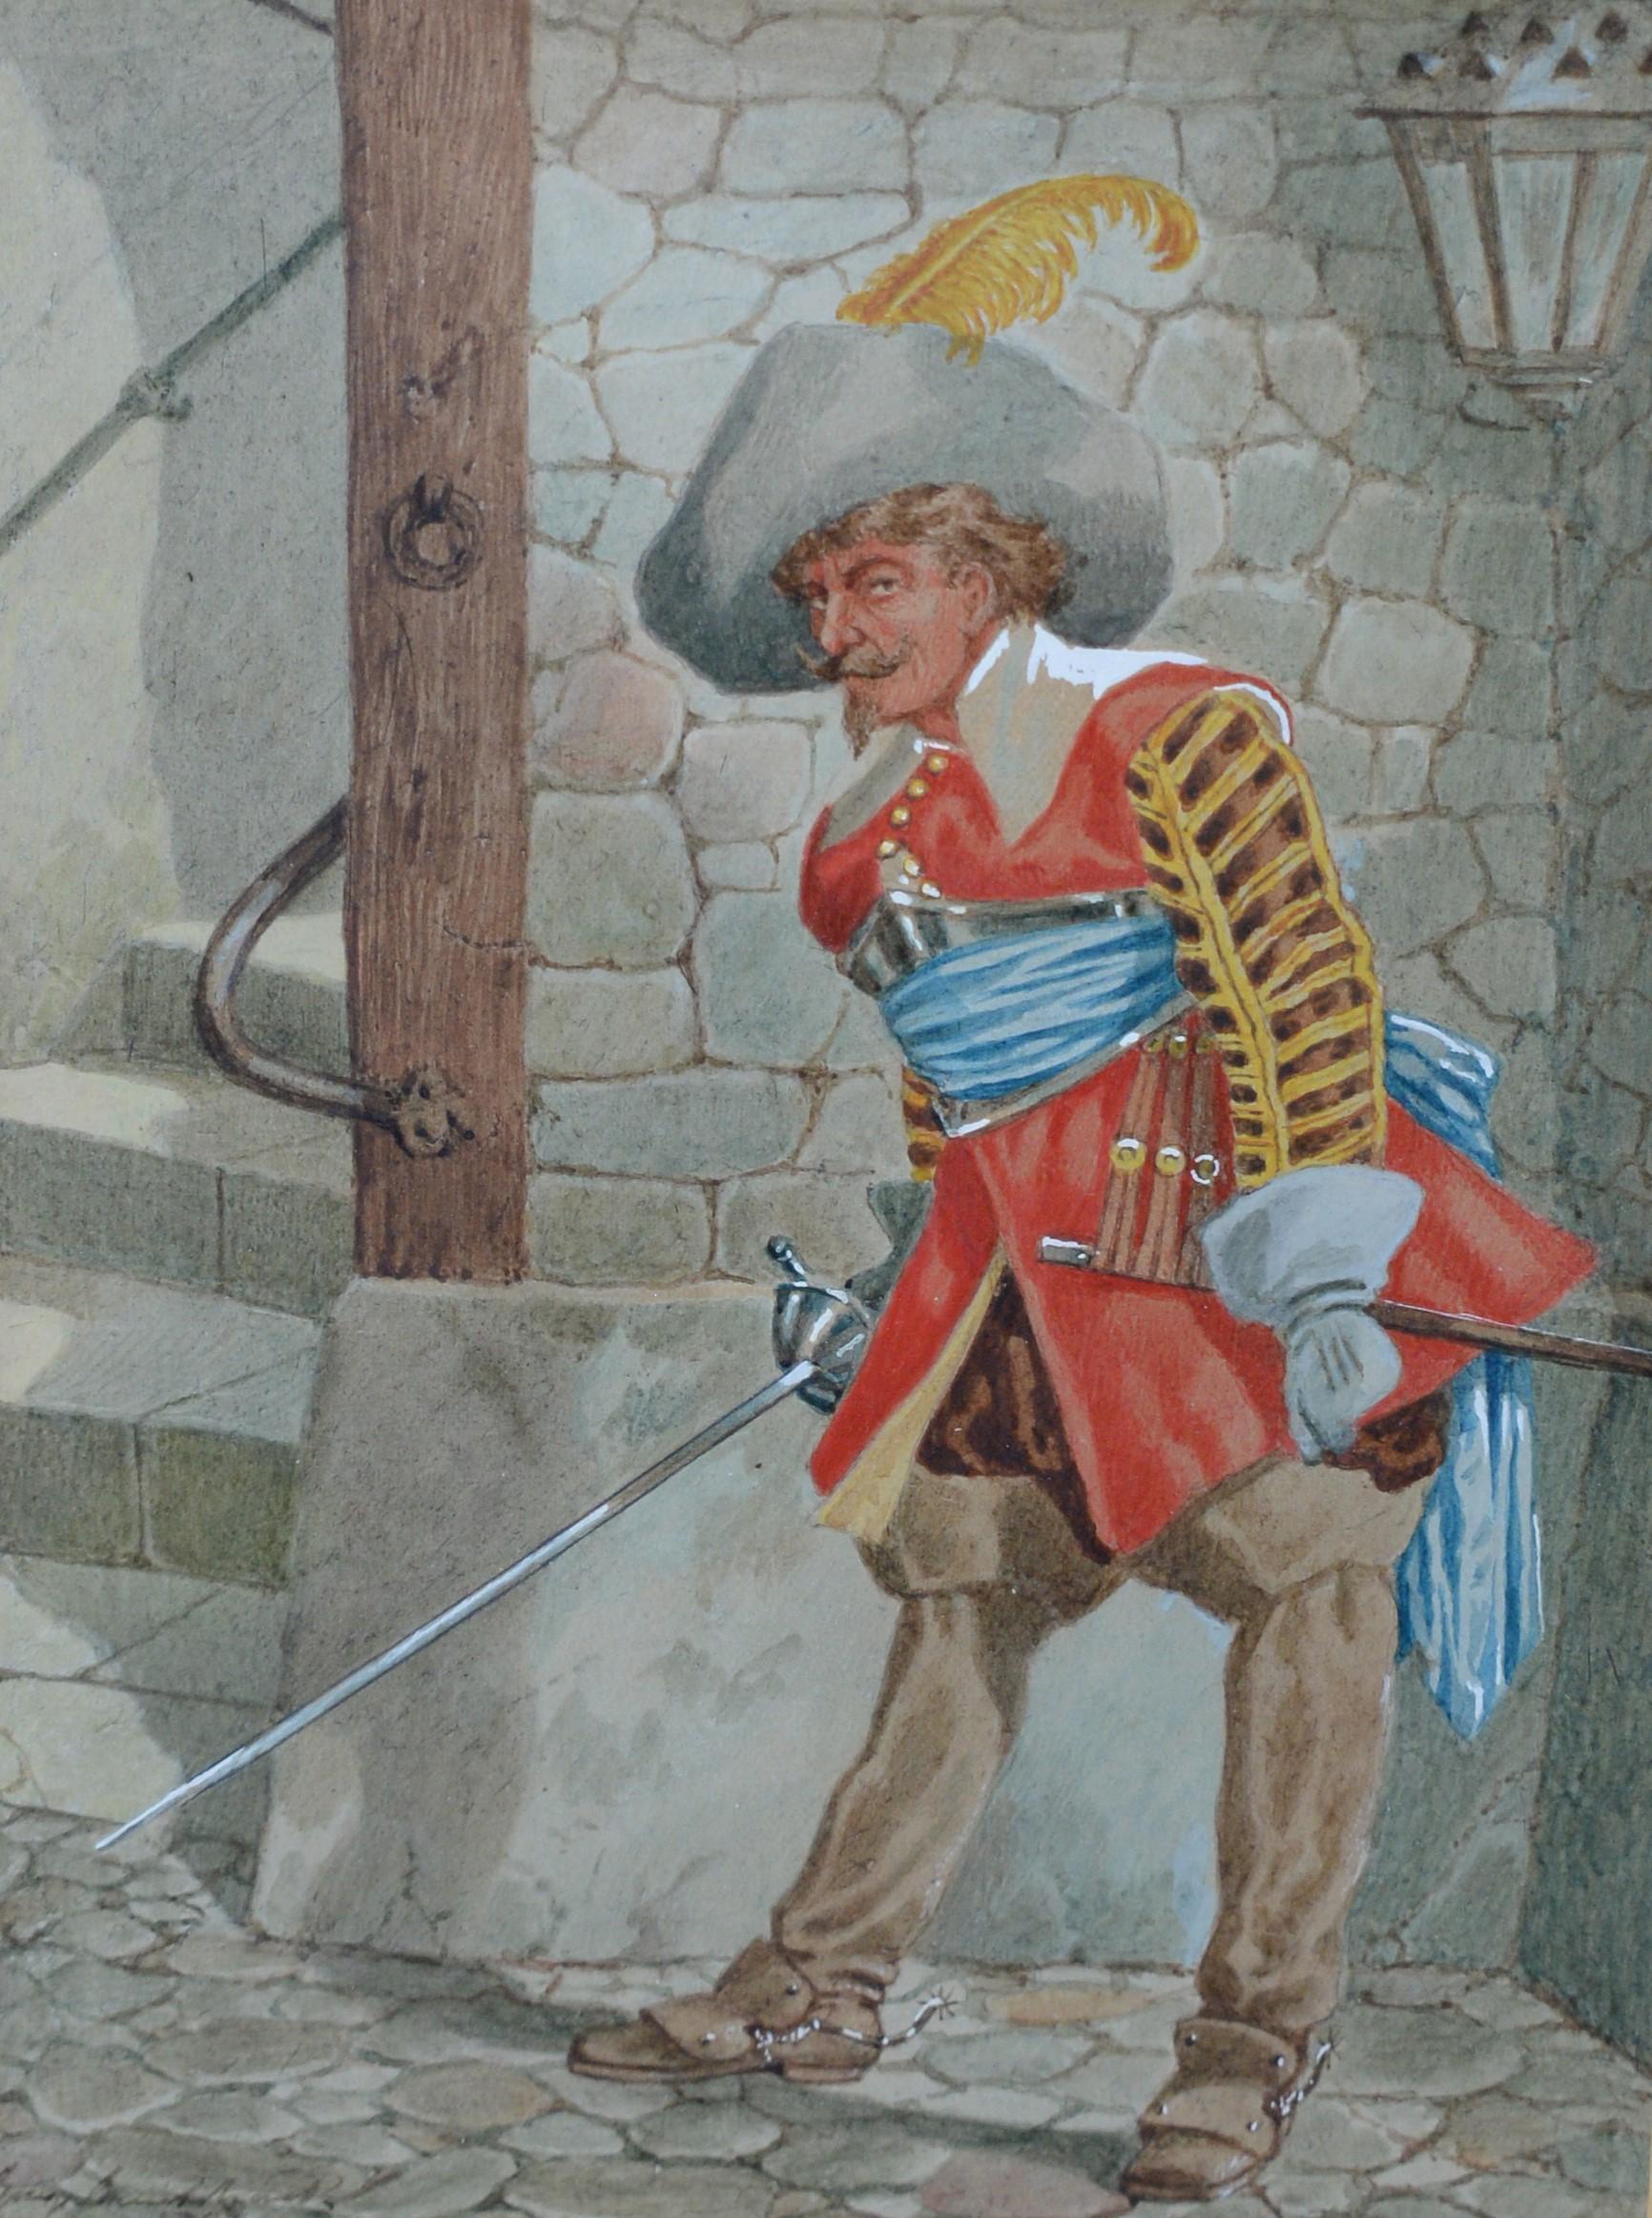 George Cruikshank, jnr. - watercolours. - Image 3 of 3